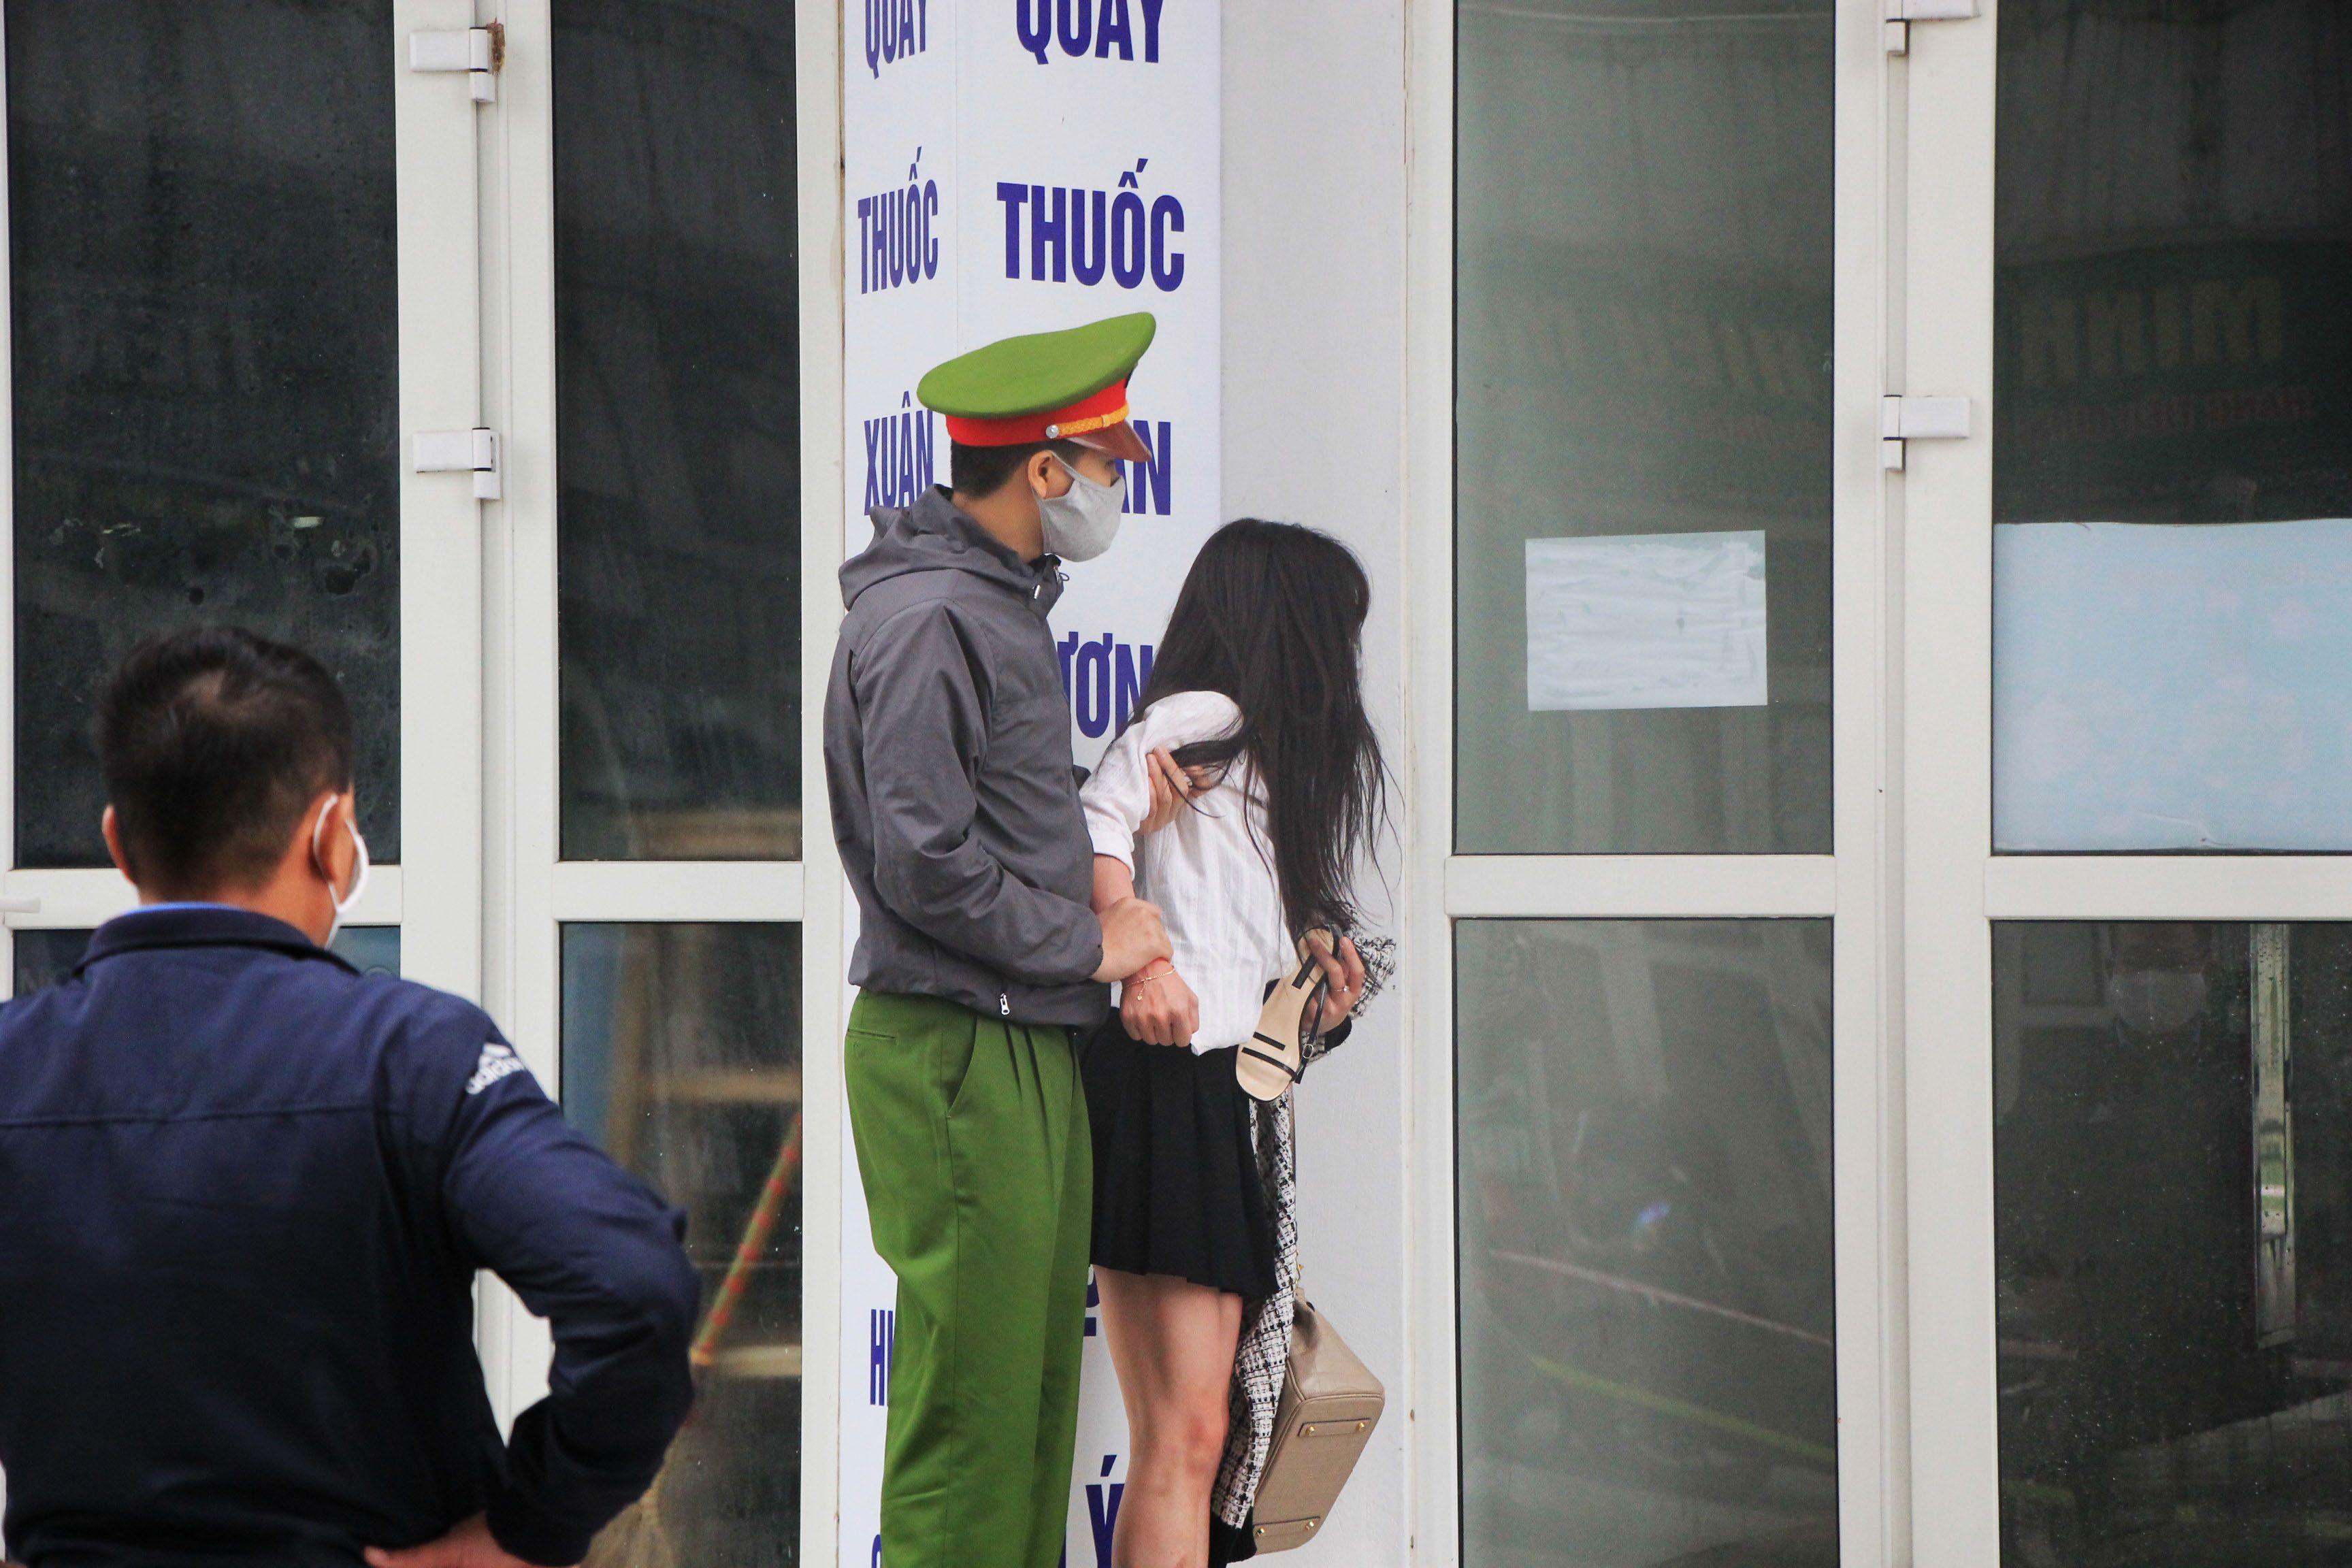 Cô gái nhất quyết đòi ra khỏi nơi cách ly, cảnh sát phải thuyết phục nhiều giờ - 1